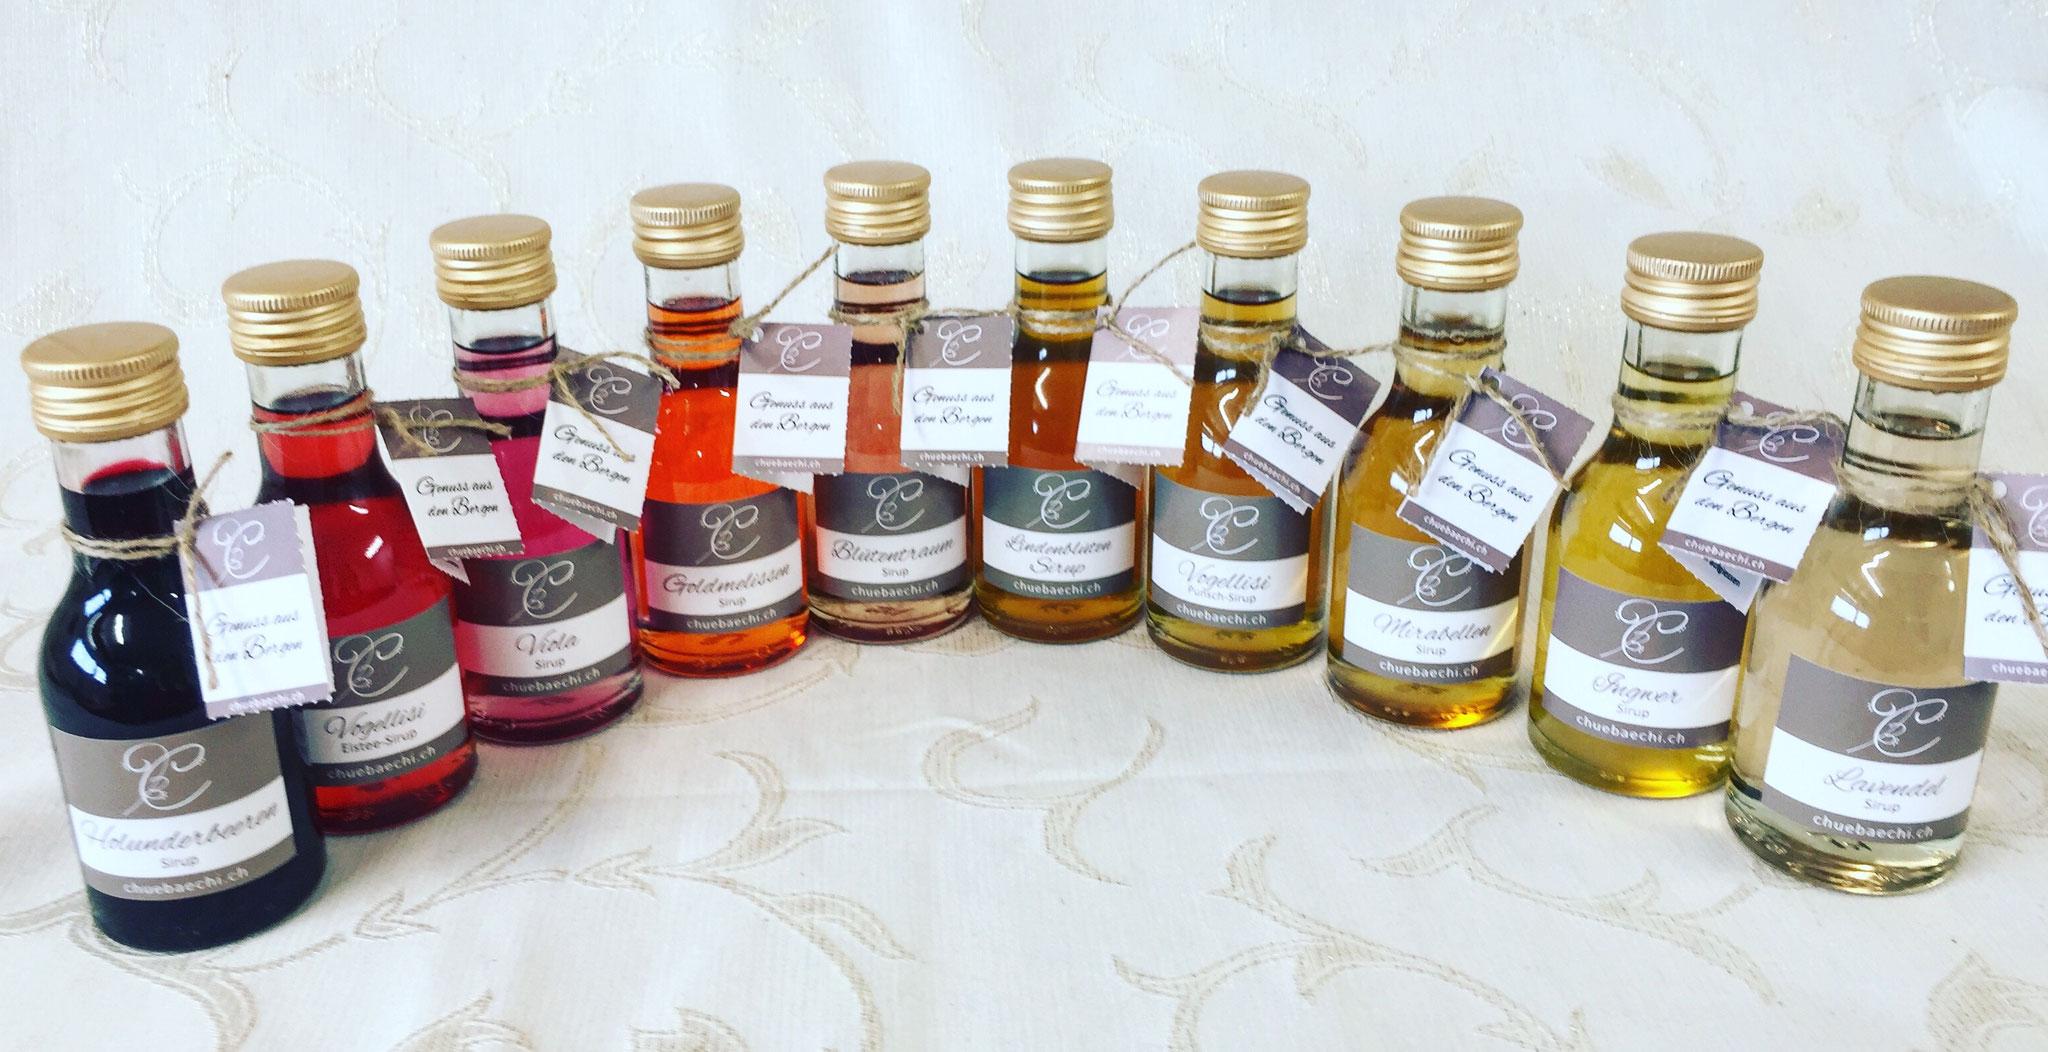 Spezialitäten Sirup in vielen verschiedenen natürlichen Farben